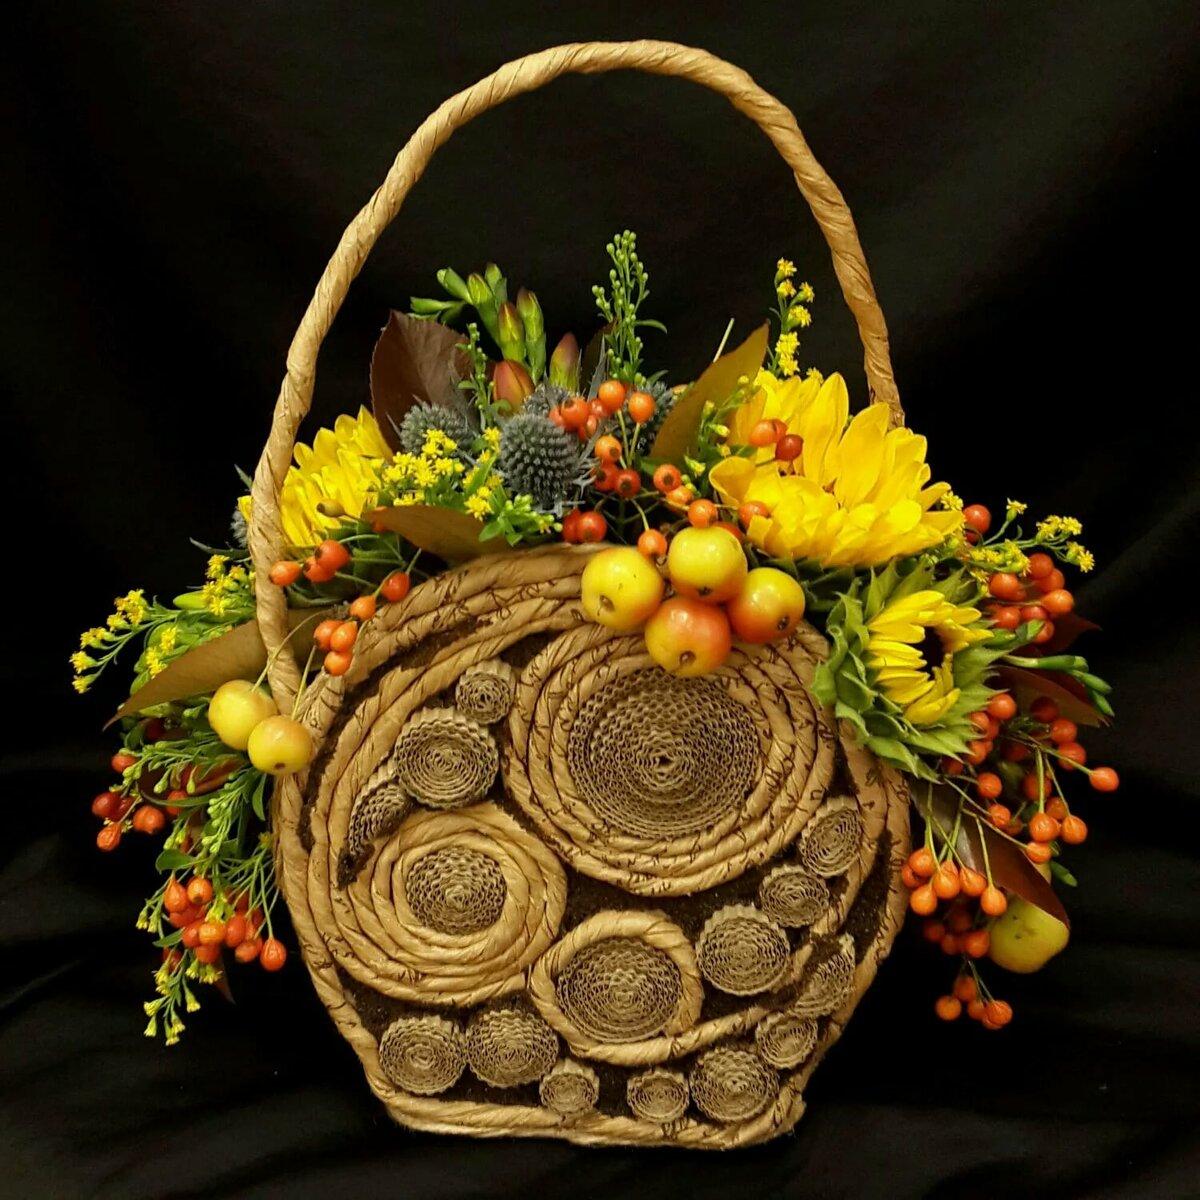 букеты цветов фото в декоративных сумках едут петербург